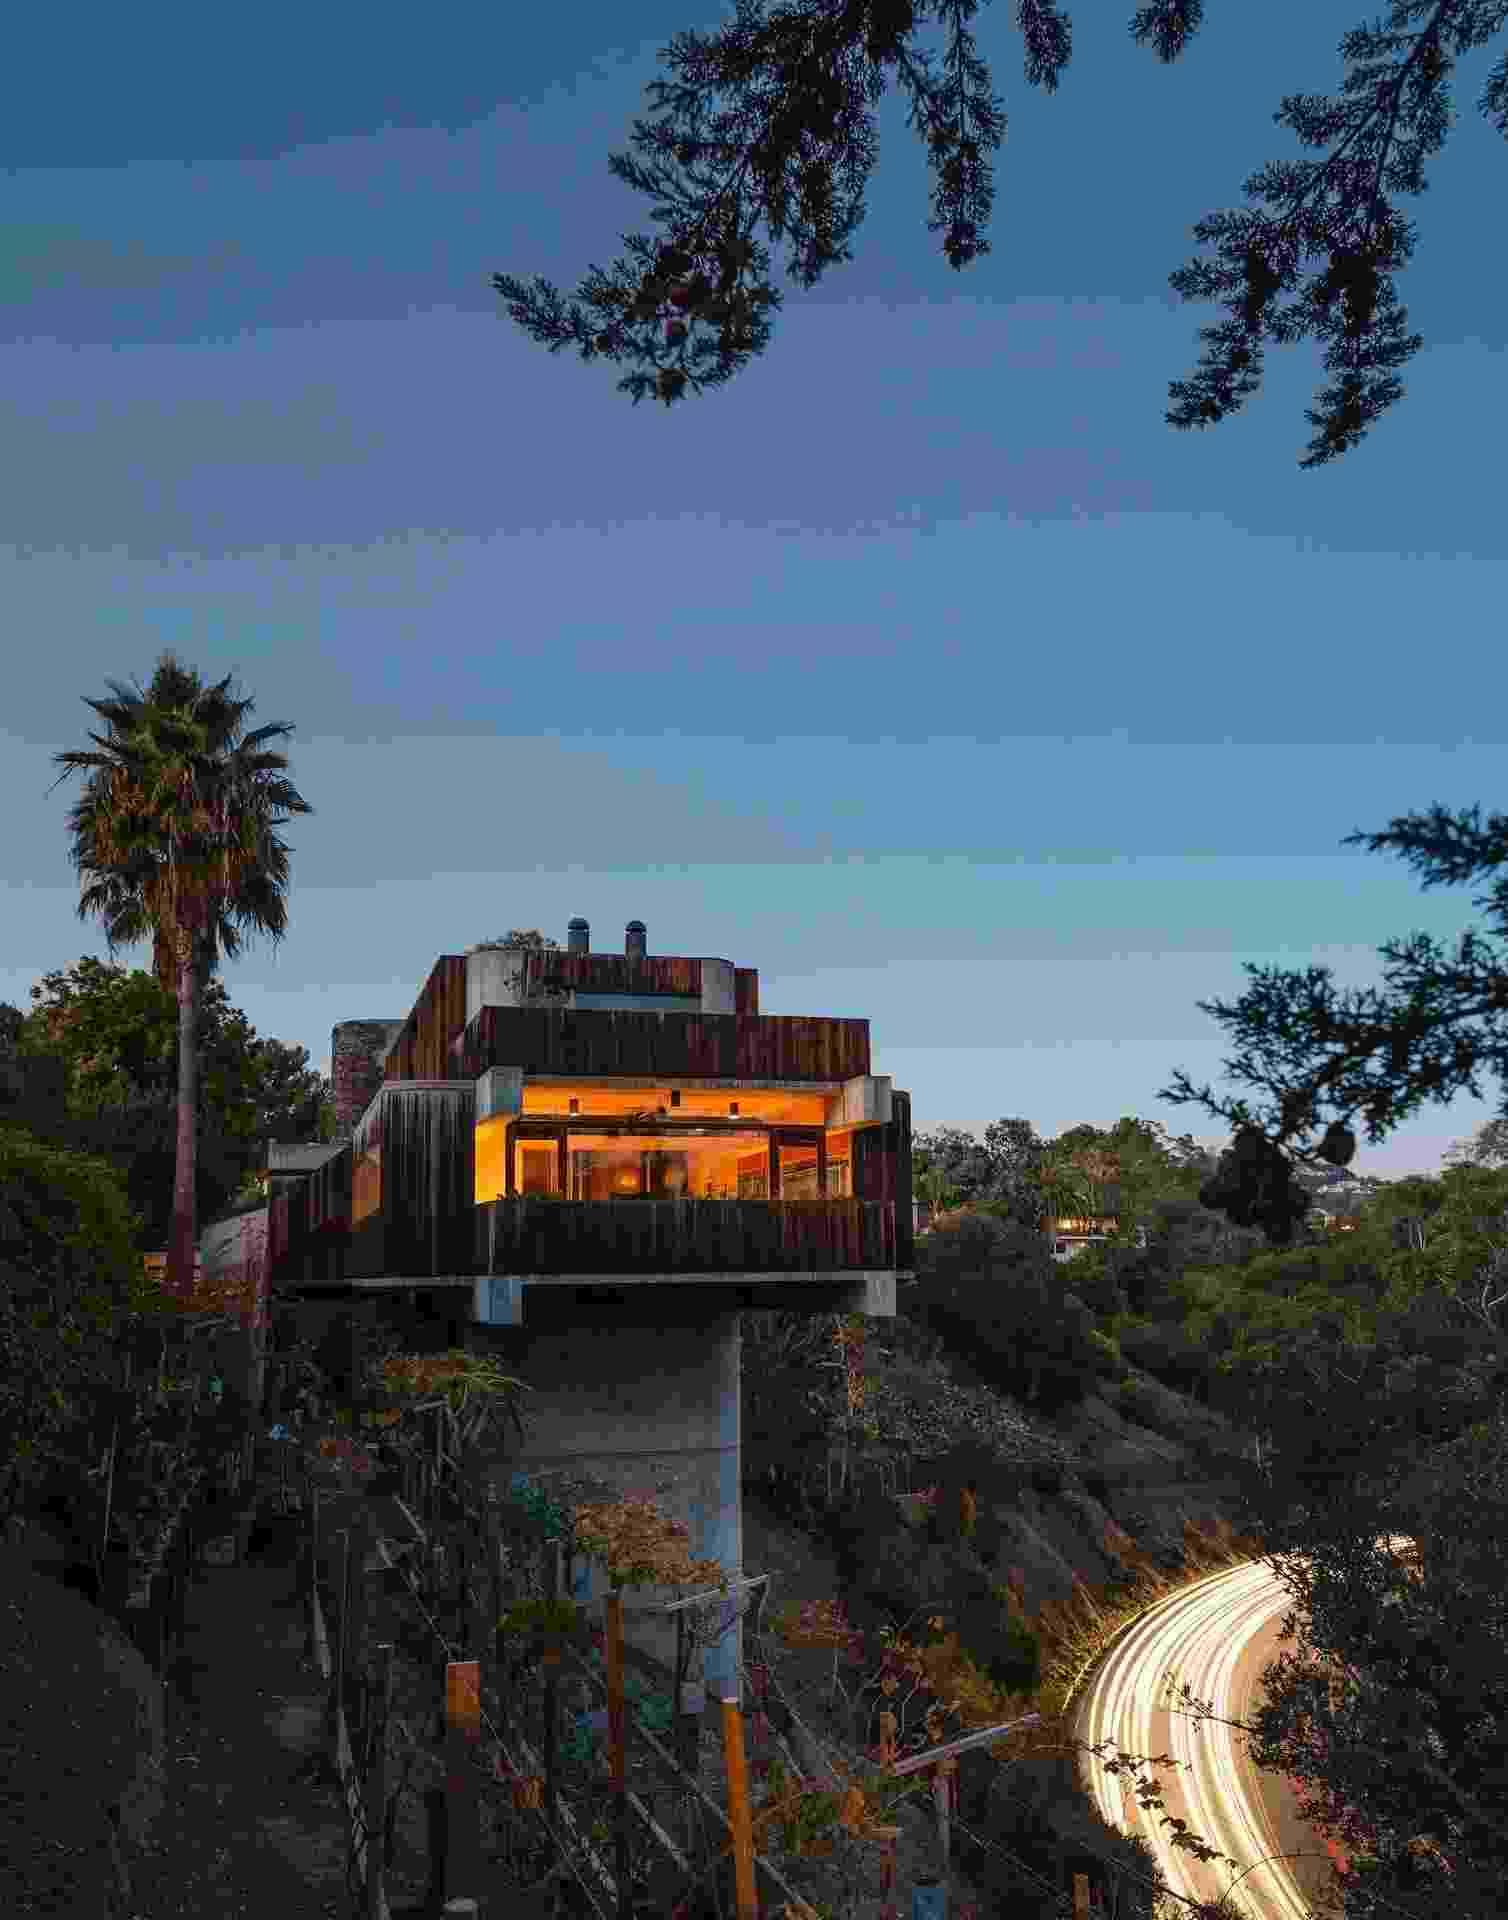 Ao anoitecer, as luzes da casa são acesas e sua arquitetura brutalista se destaca sobre terreno íngreme, ao lado da estrada Sunset Boulevard, em Los Angeles. Conforme o projetista e morador da residência, Robert Bridges, o projeto atrai turismos e estudantes de arquitetura - Trevor Tondro/The New York Times